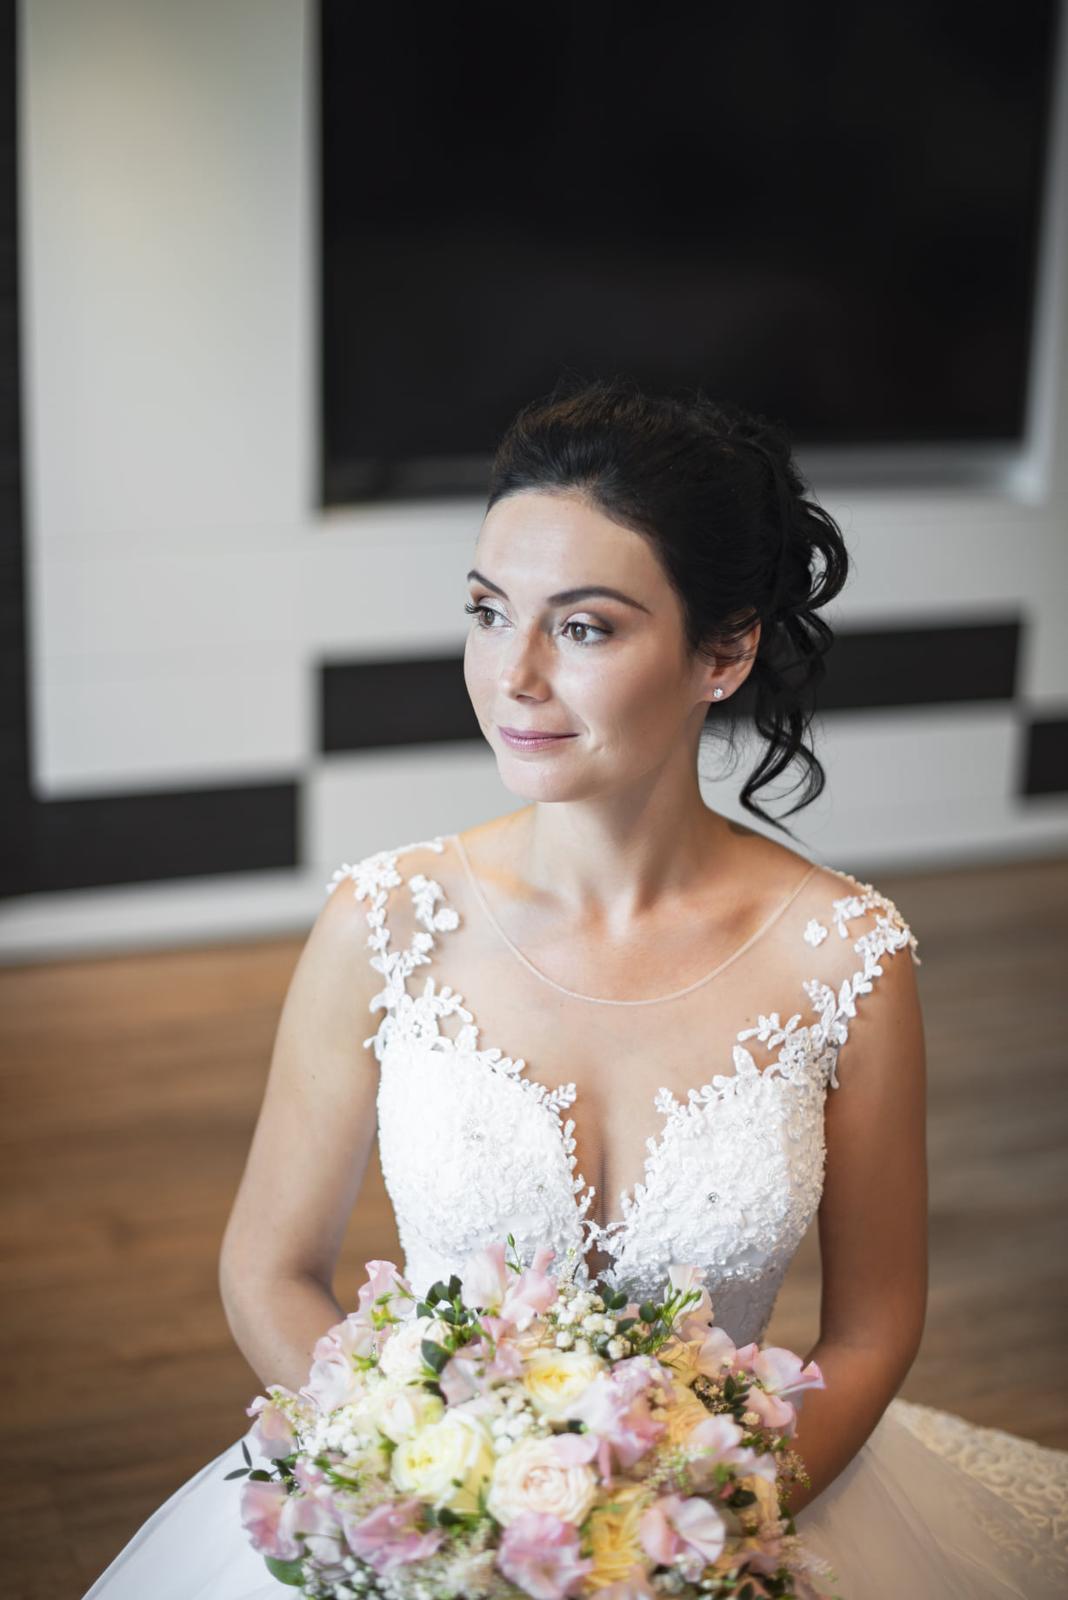 Svatby 2020 - Obrázek č. 3